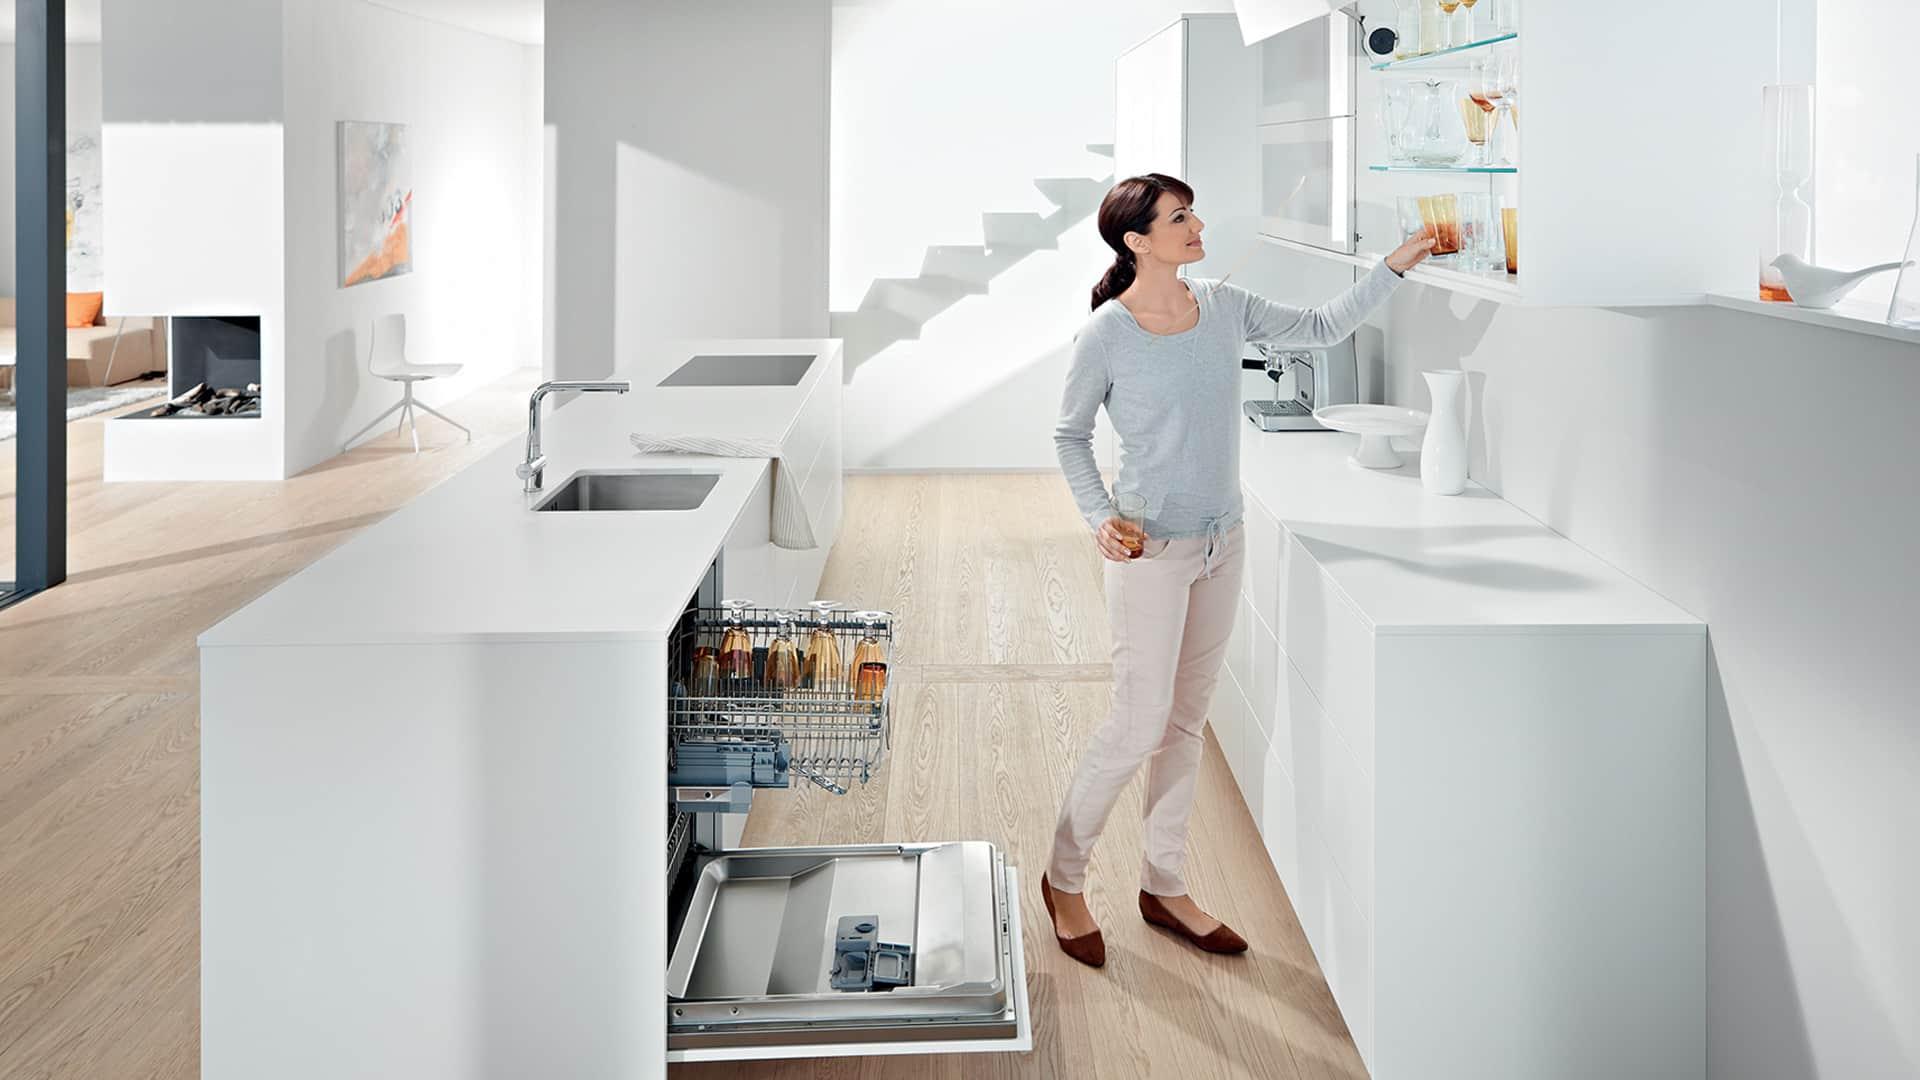 eine neue k che das spricht daf r ratgeber. Black Bedroom Furniture Sets. Home Design Ideas